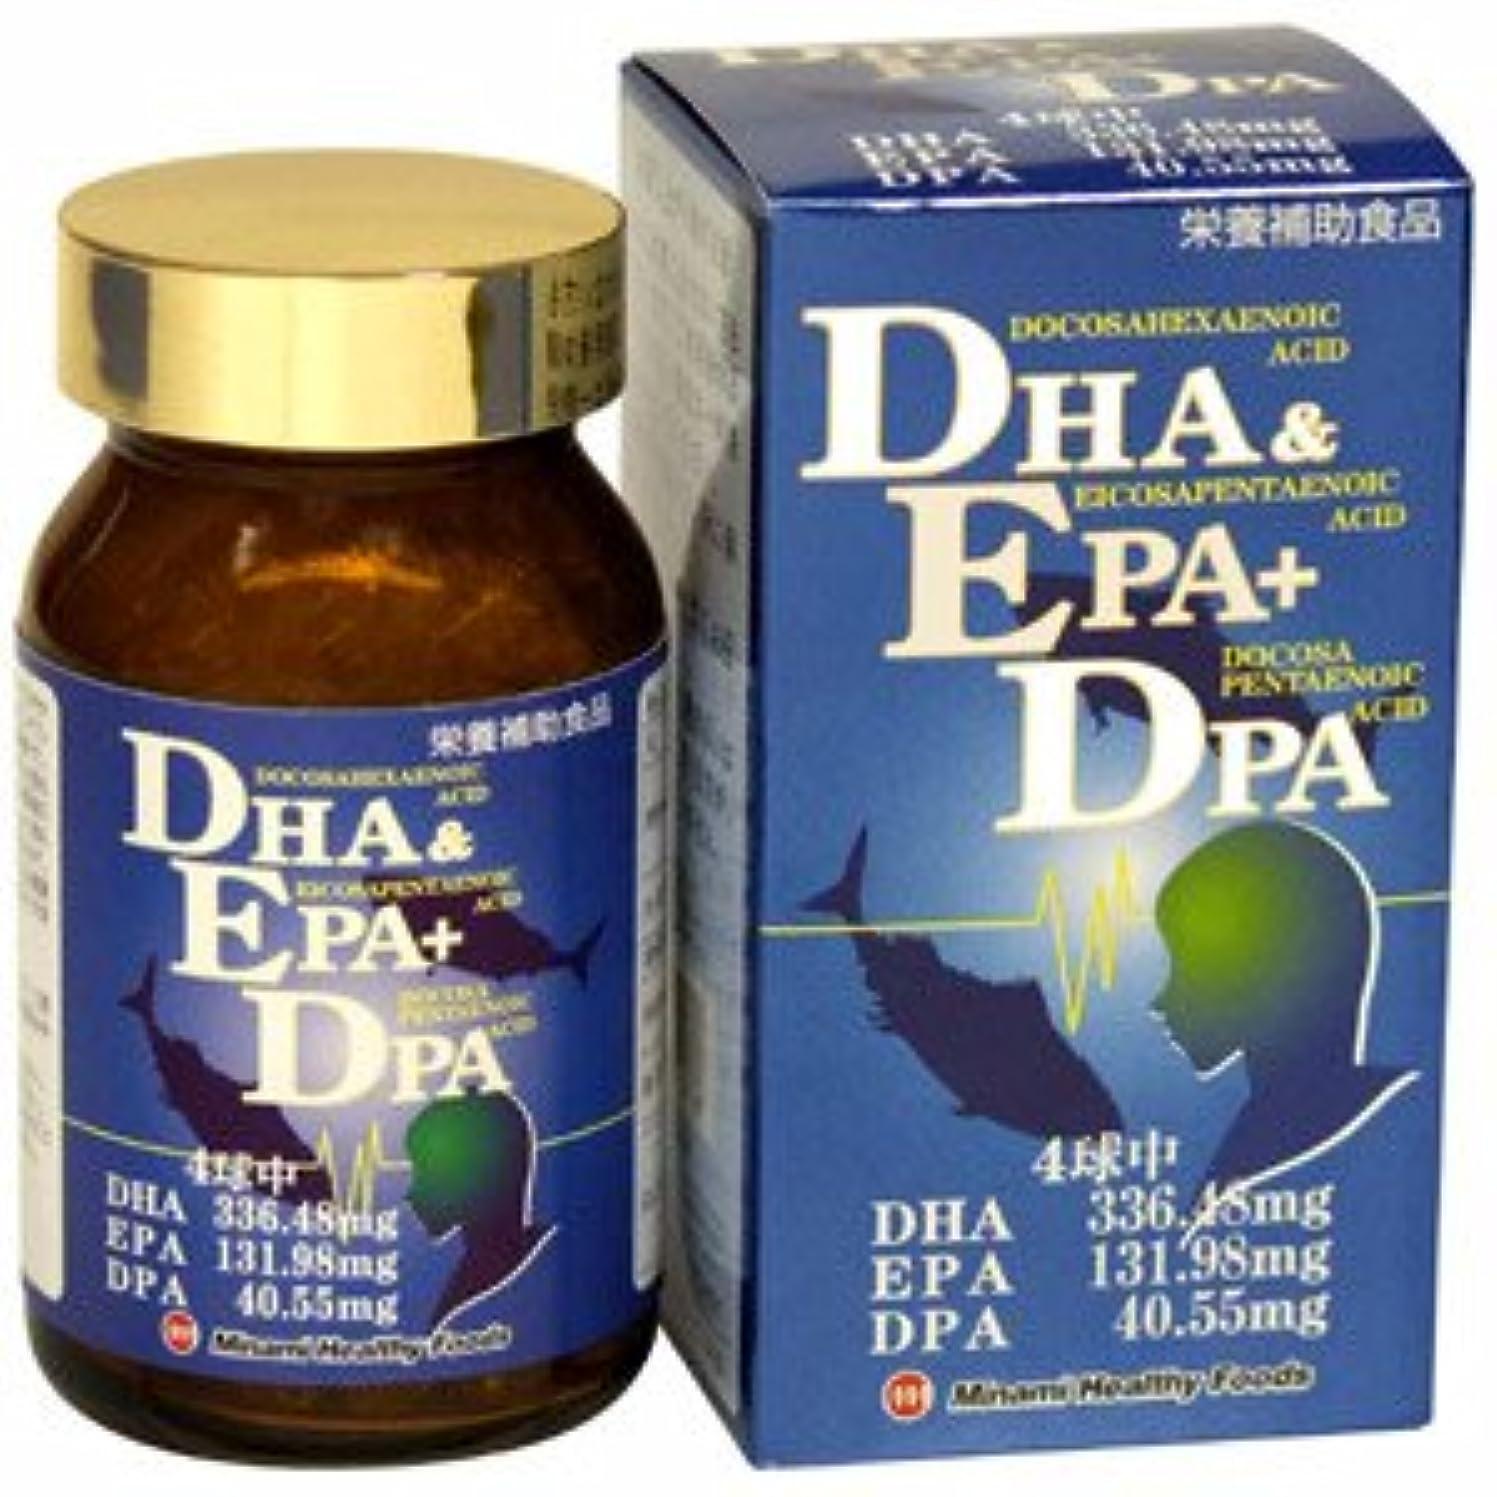 先のことを考える天皇頼るDHA&EPA+DPA(単品)ミナミヘルシーフーズ